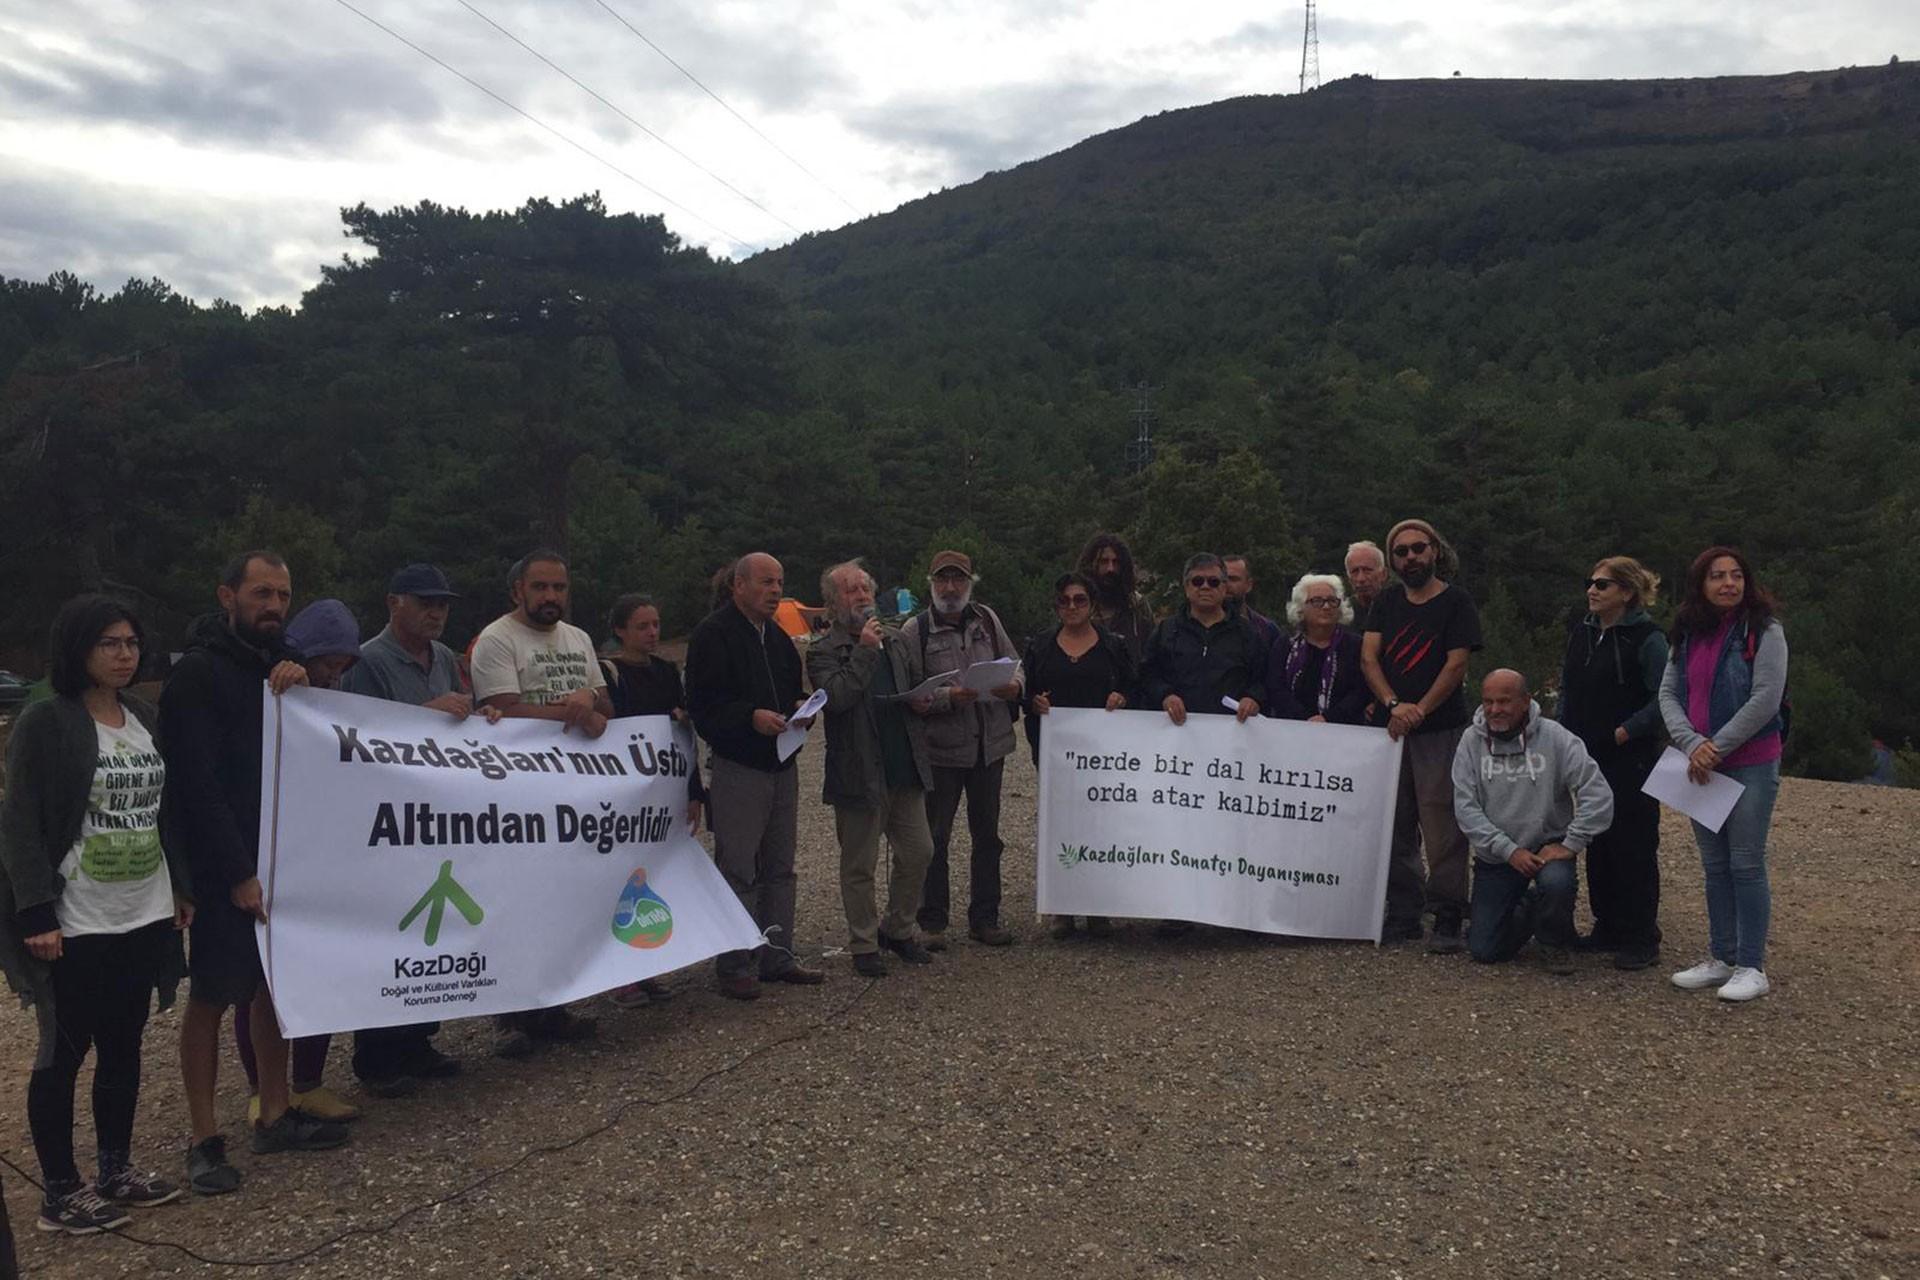 Sanatçılardan Kaz Dağları mücadelesine destek